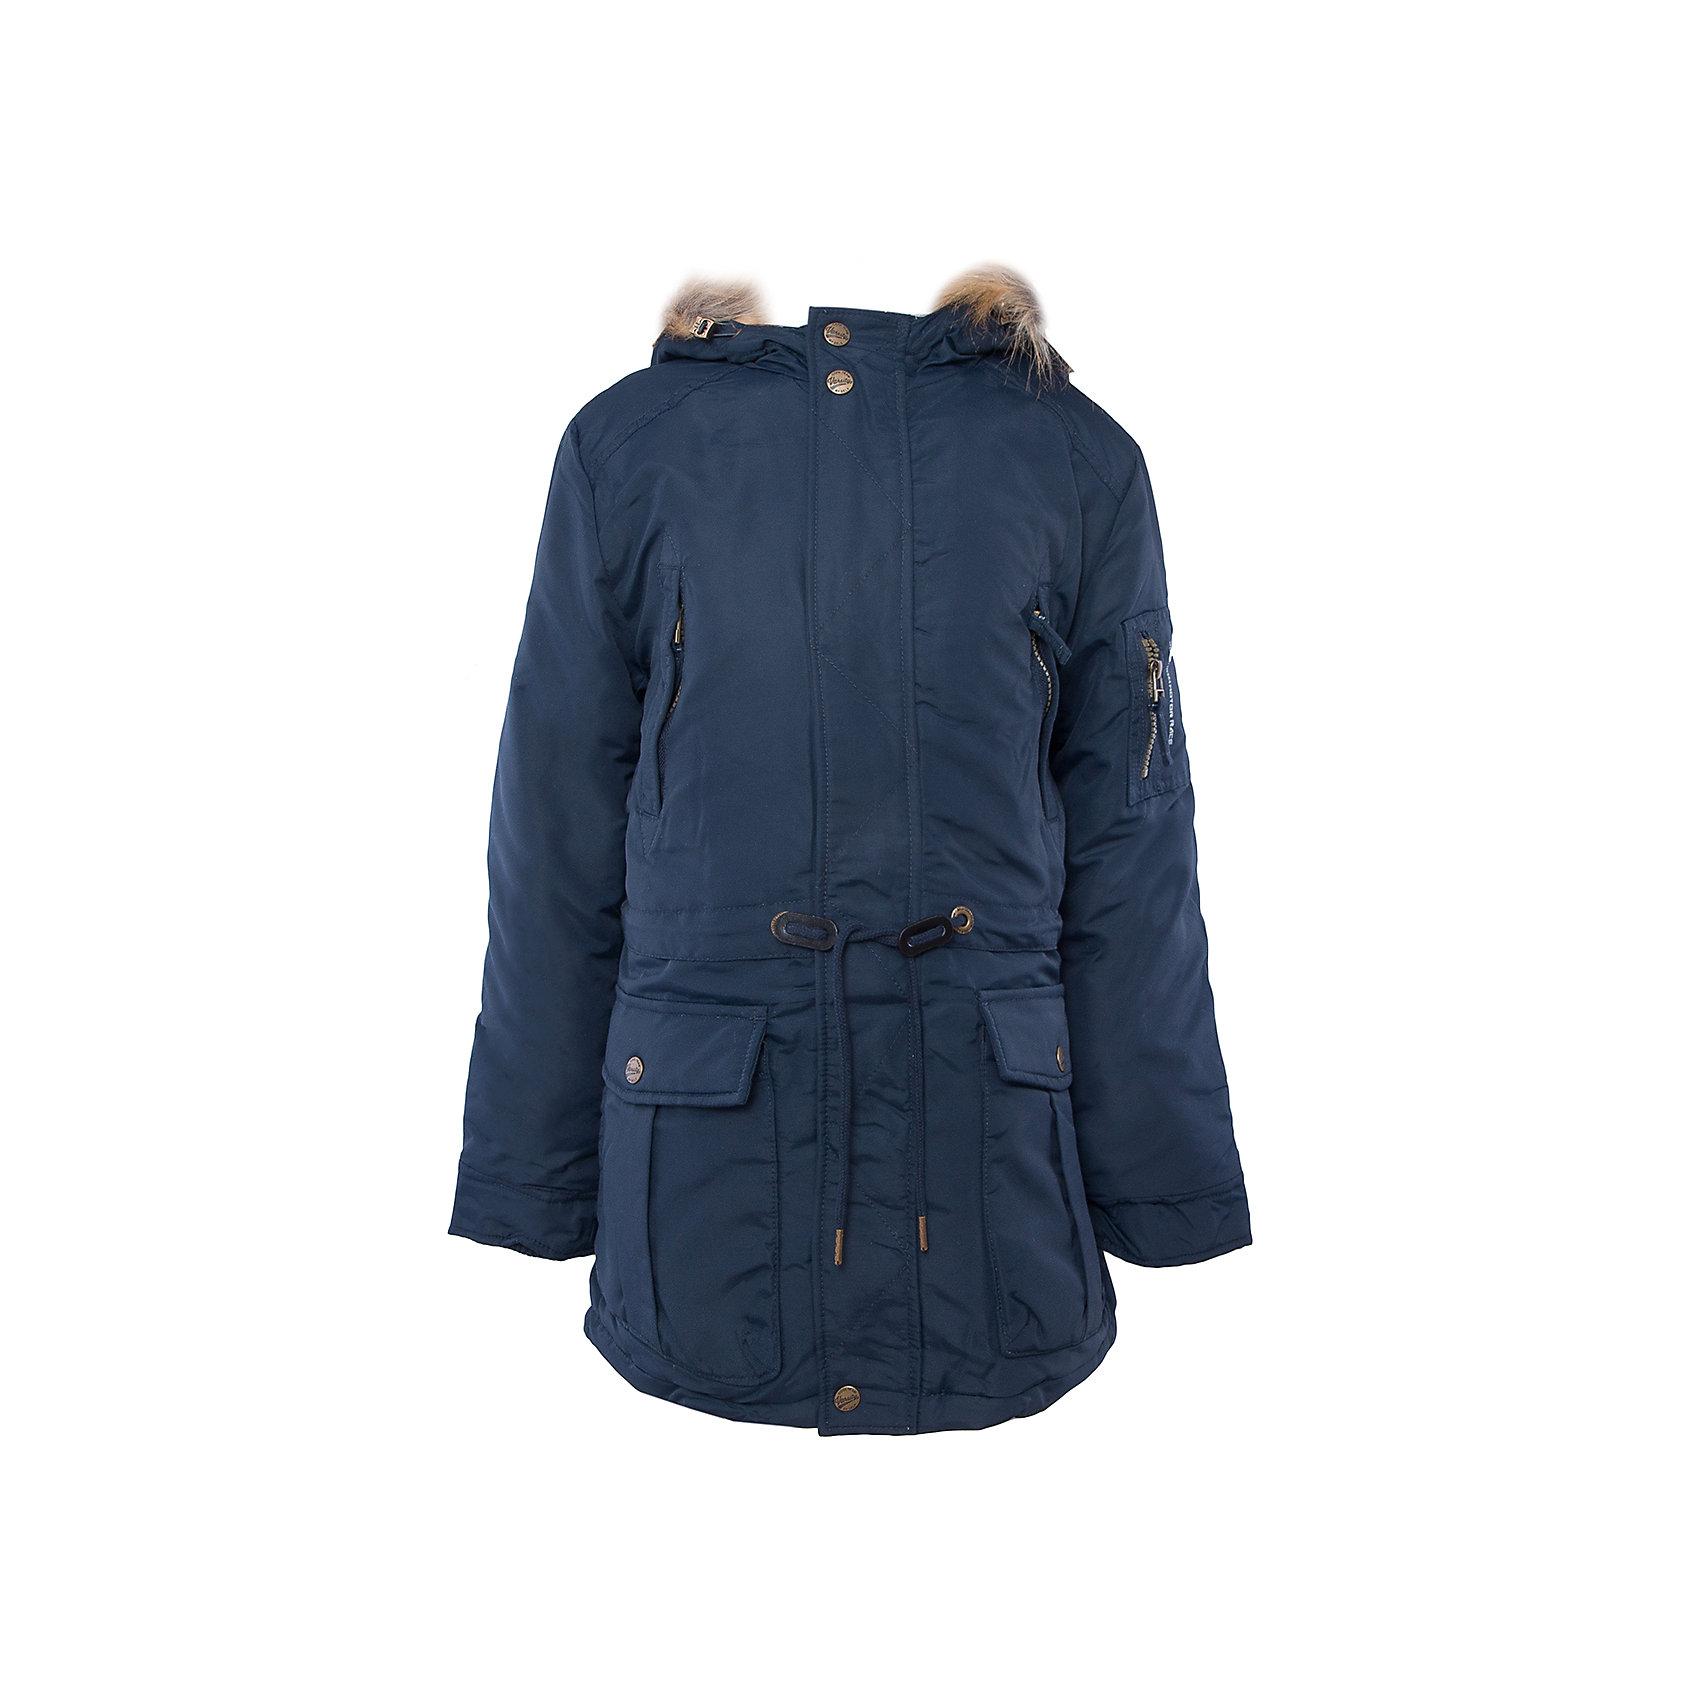 Пальто для мальчика SELAТакое стильное пальто - незаменимая вещь в прохладное время года. Эта модель отлично сидит на ребенке, она сшита из плотного материала, позволяет гулять и заниматься активным отдыхом на свежем воздухе. Подкладка и утеплитель обеспечивают ребенку комфорт. Модель дополнена капюшоном, планкой от ветра, кулиской на талии, внутренними трикотажными манжетами и карманами.<br>Одежда от бренда Sela (Села) - это качество по приемлемым ценам. Многие российские родители уже оценили преимущества продукции этой компании и всё чаще приобретают одежду и аксессуары Sela.<br><br>Дополнительная информация:<br><br>материал: 100% нейлон; подкладка:100% ПЭ; утеплитель:100% ПЭ; мех:100% ПЭ;<br>капюшон с опушкой;<br>карманы;<br>кулиска на талии.<br><br>Пальто для мальчика от бренда Sela можно купить в нашем интернет-магазине.<br><br>Ширина мм: 356<br>Глубина мм: 10<br>Высота мм: 245<br>Вес г: 519<br>Цвет: синий<br>Возраст от месяцев: 60<br>Возраст до месяцев: 72<br>Пол: Мужской<br>Возраст: Детский<br>Размер: 116,152,140,128<br>SKU: 5007994